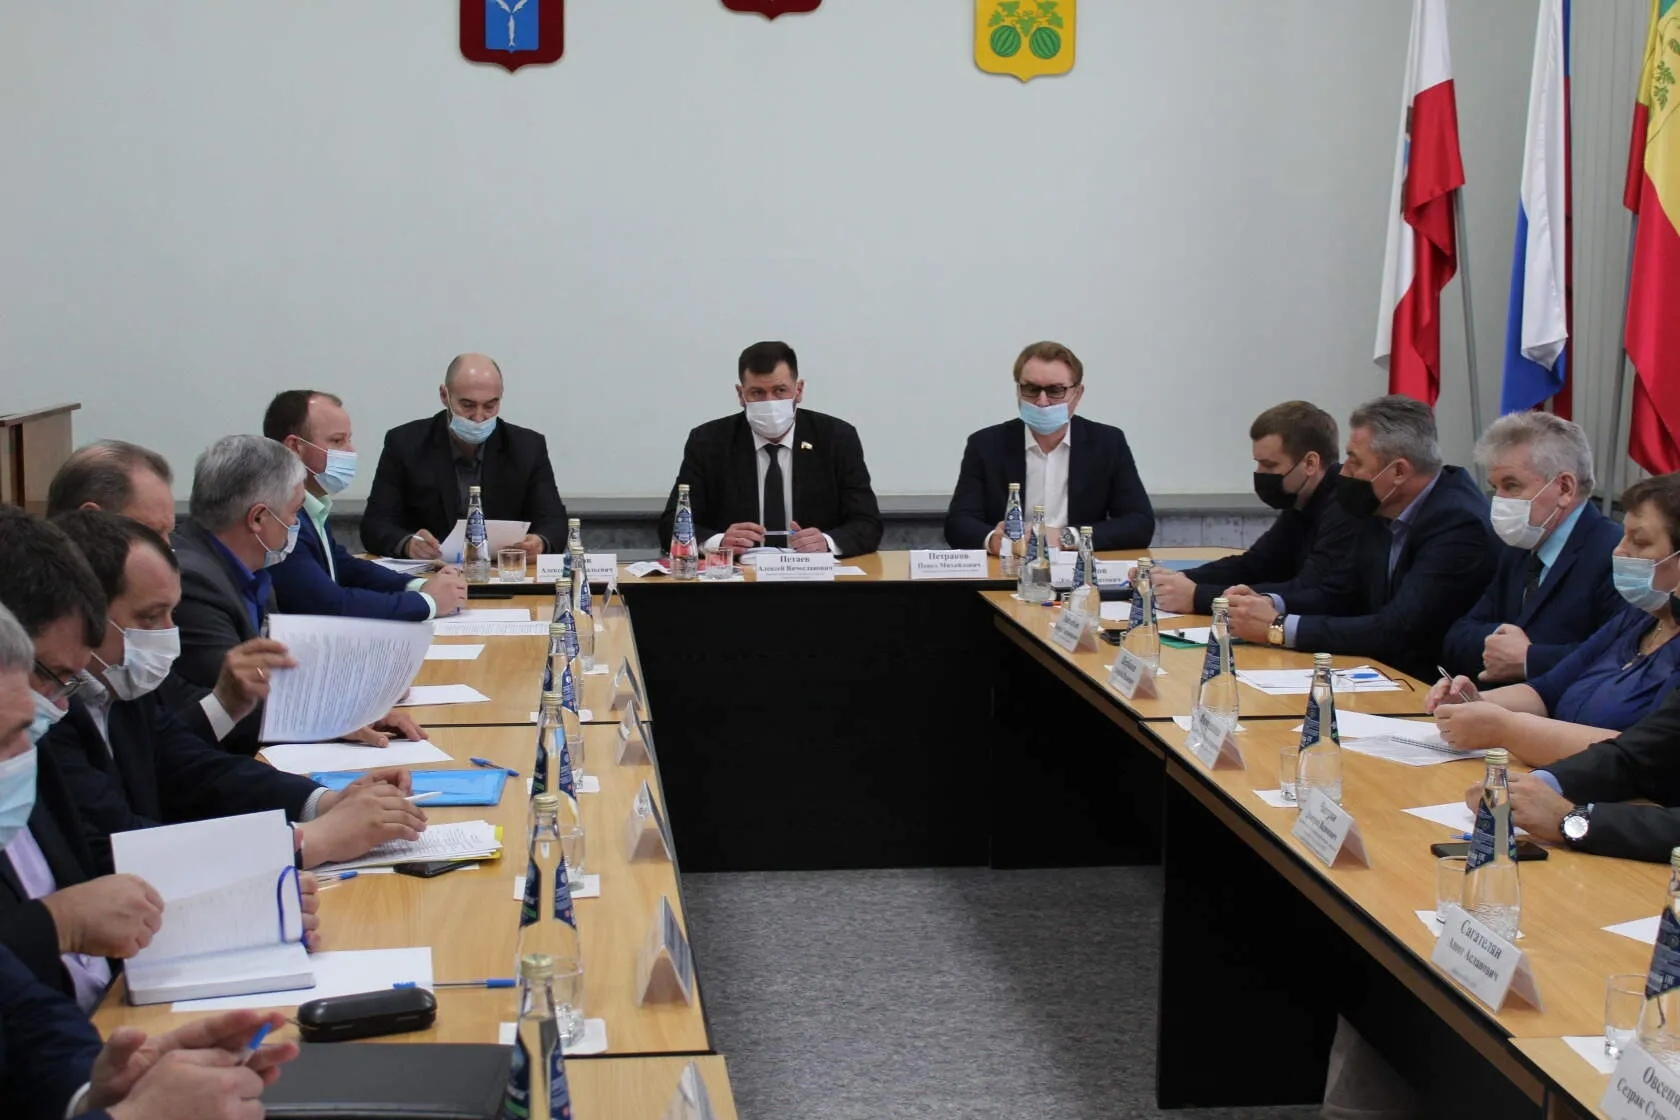 Представитель Петровского района поучаствовал в совещании по вопросу организации дорожных работ